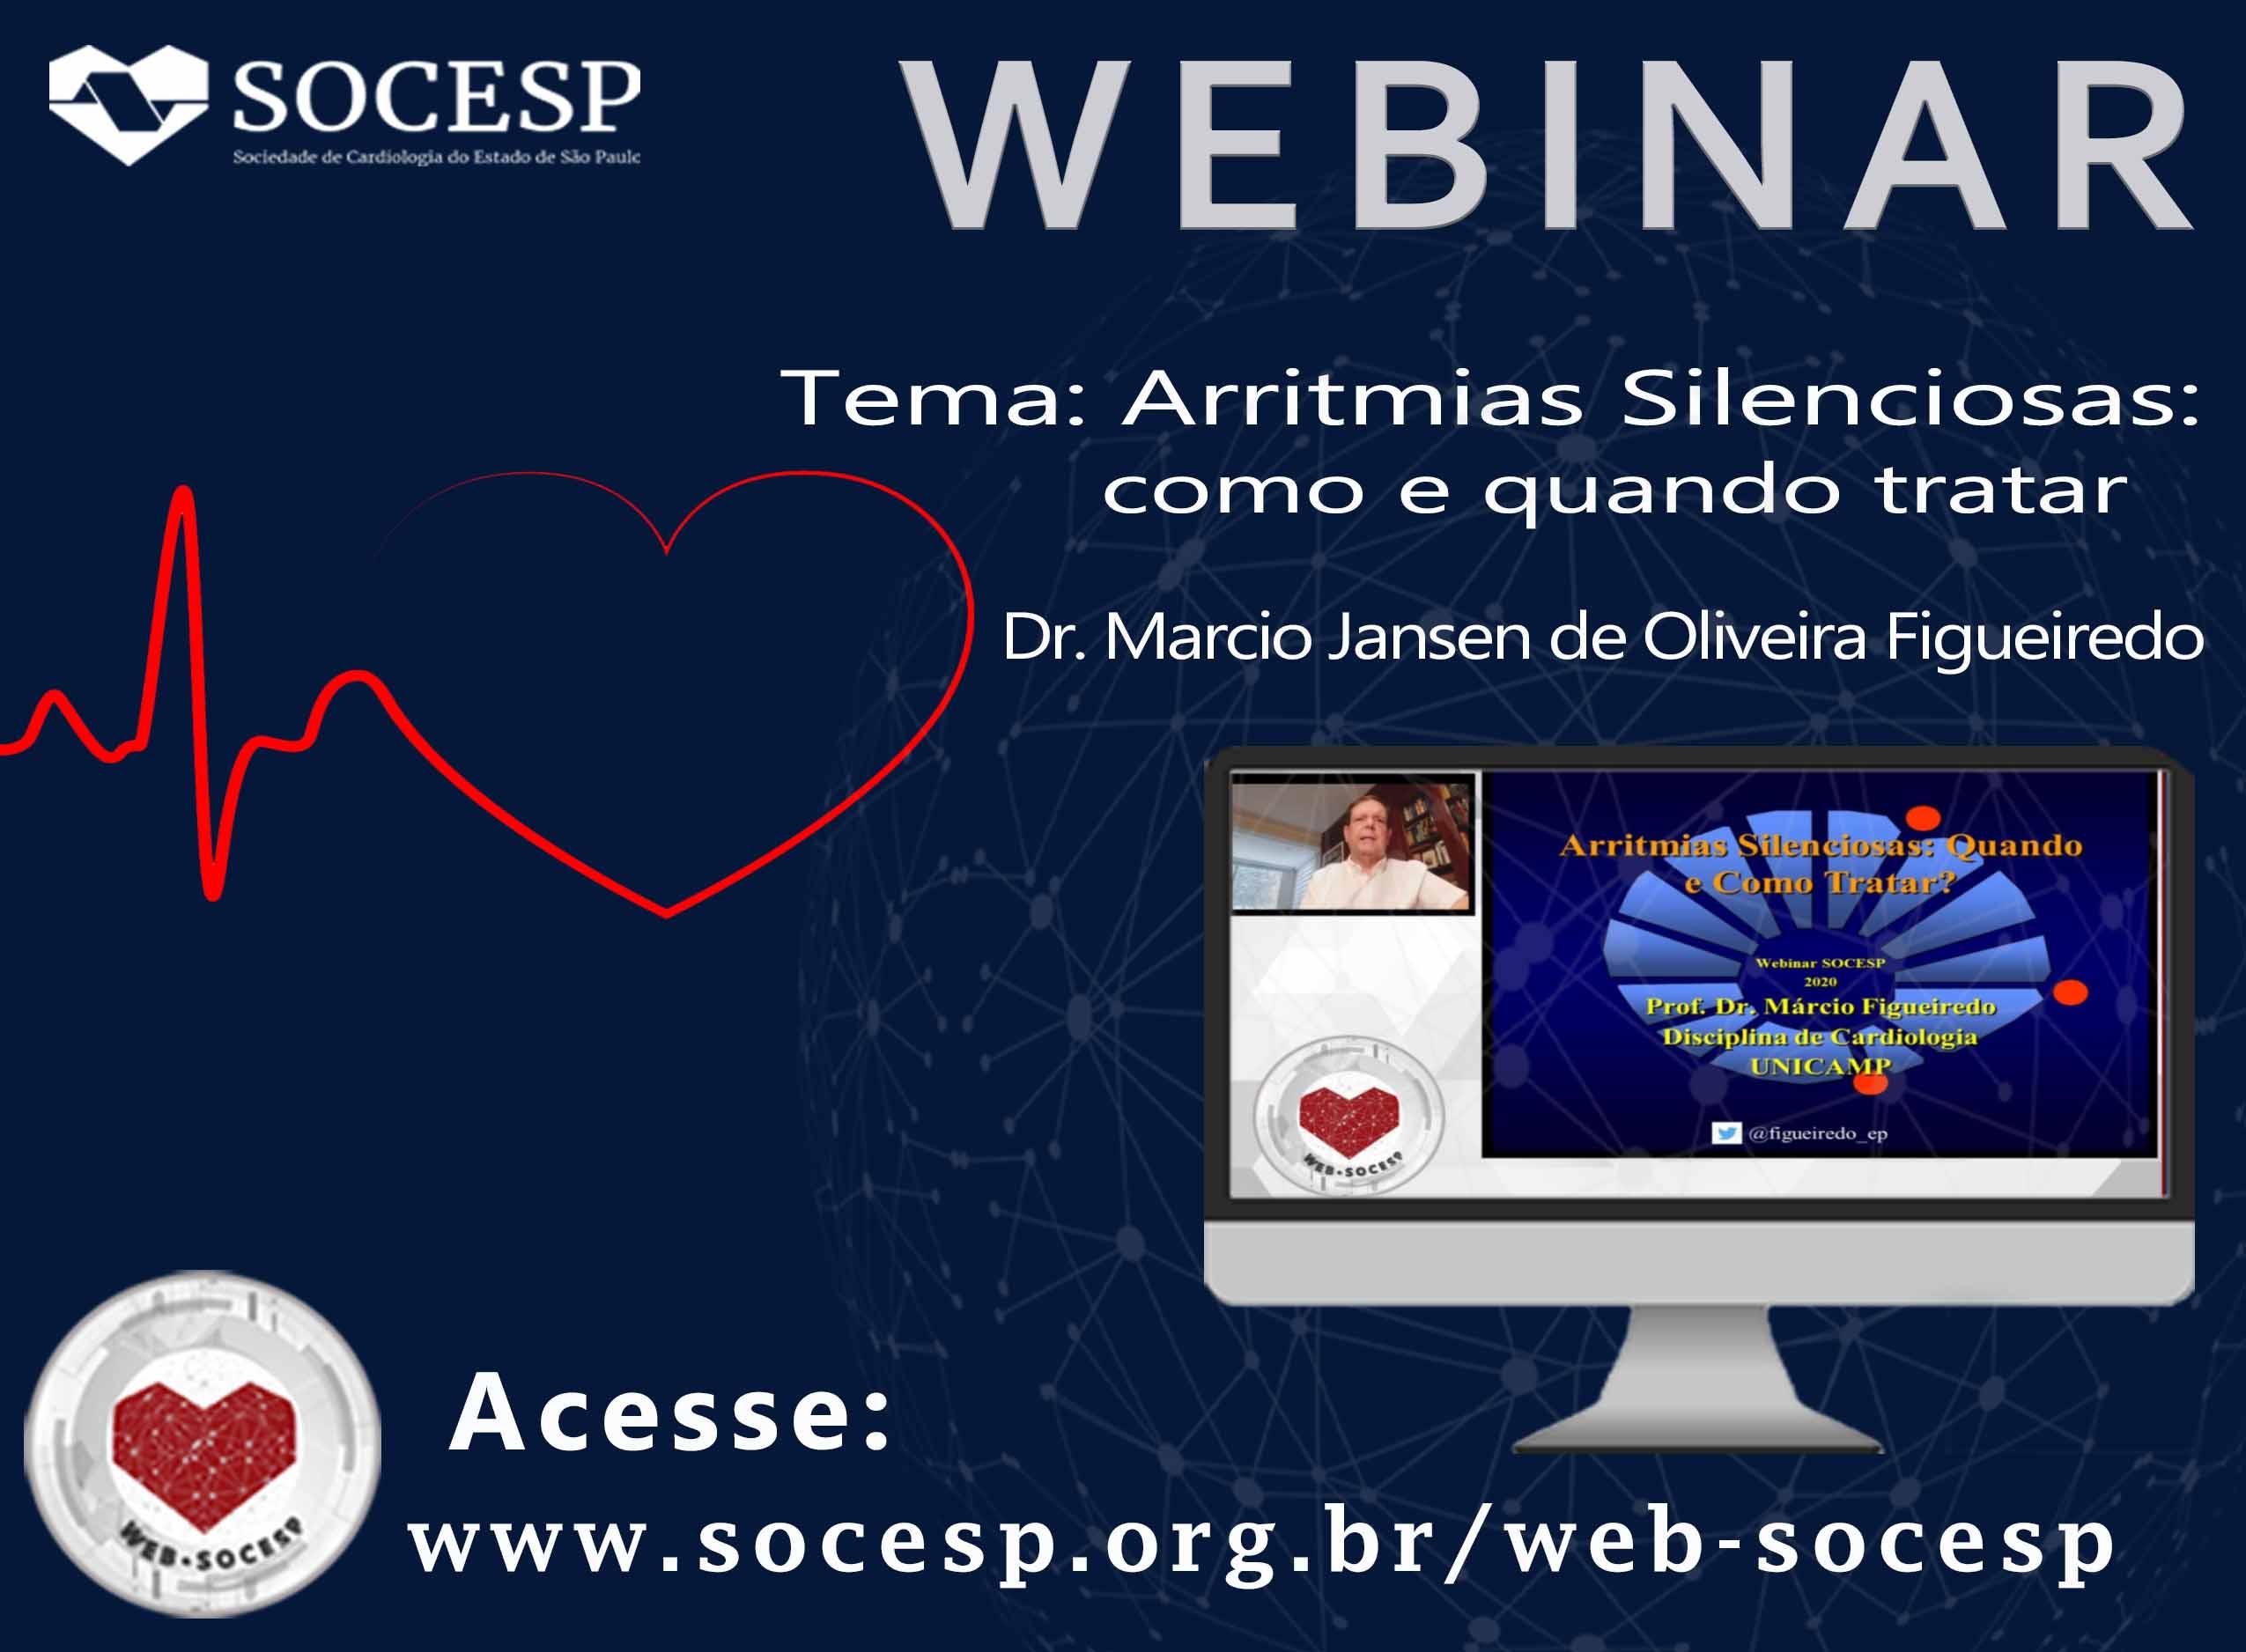 Imagem Webinar: Arritmias Silenciosas: como e quando tratar